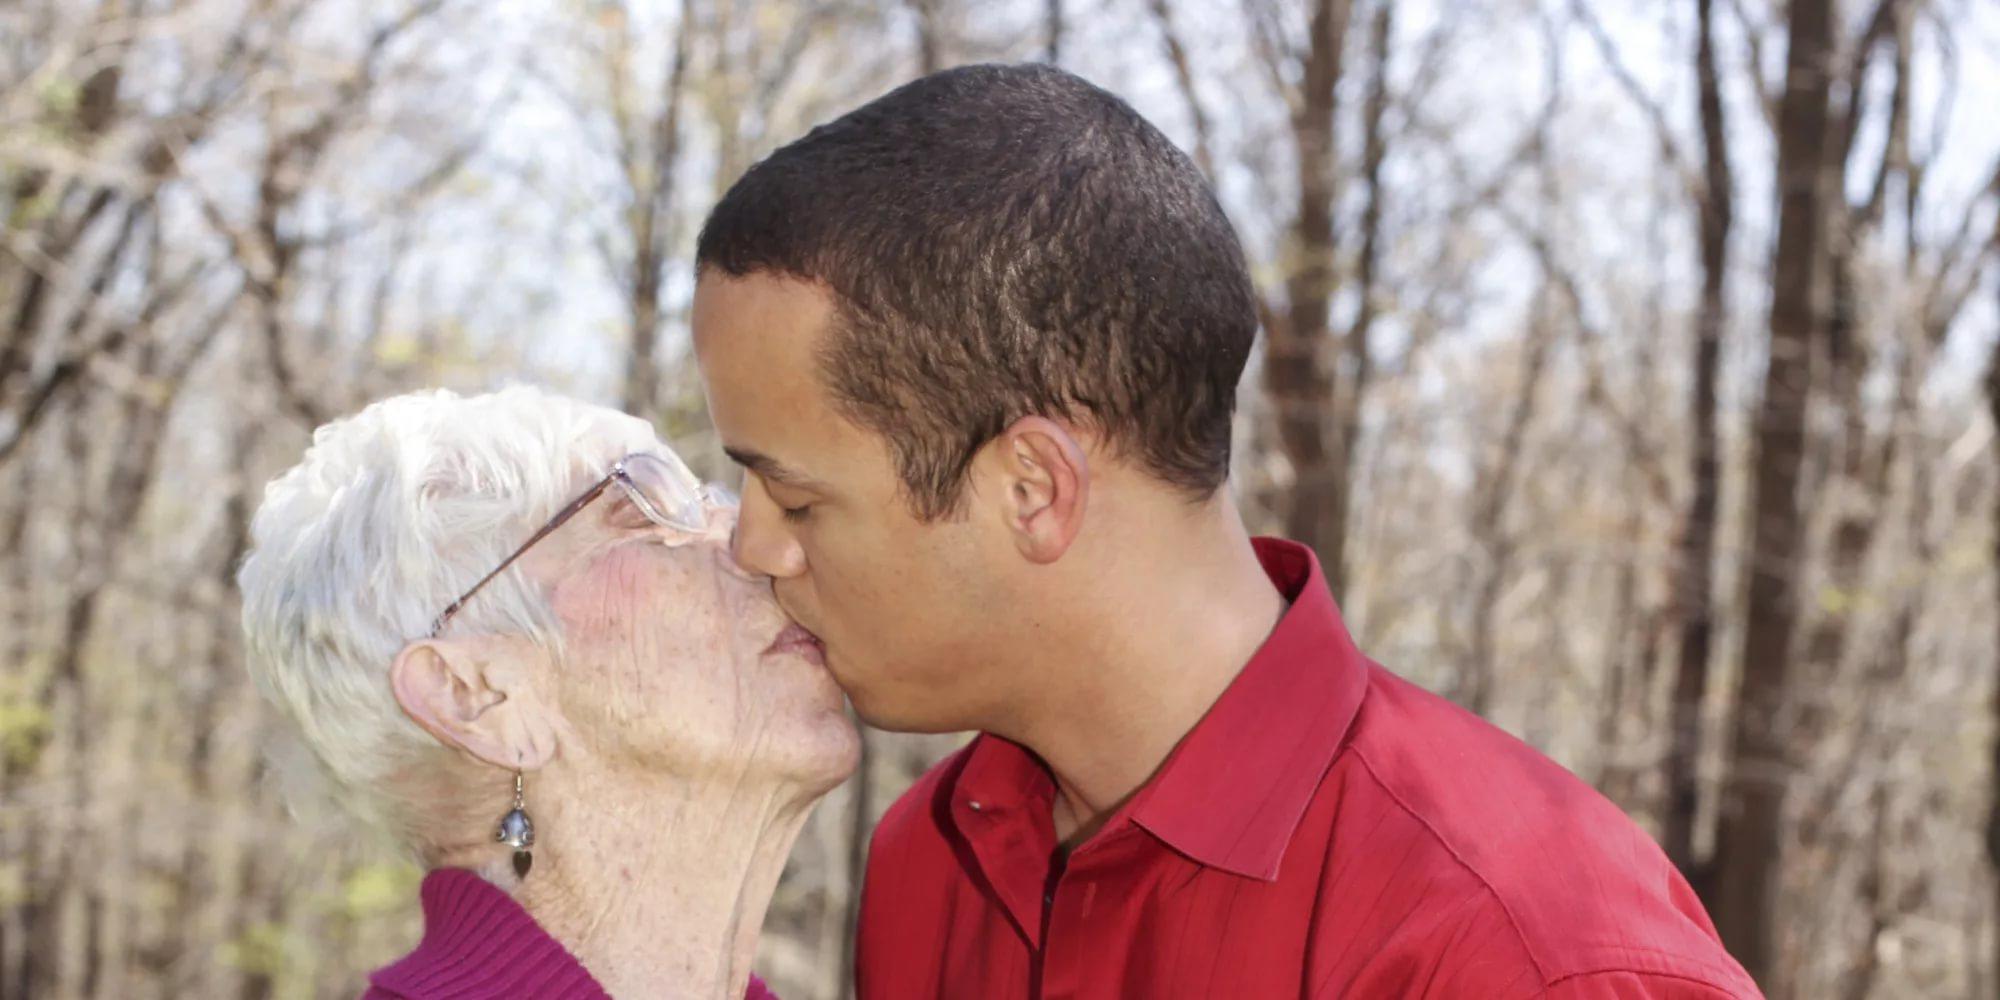 Любовь женщин в возрасте с парнями видео, приватное жены и мужа